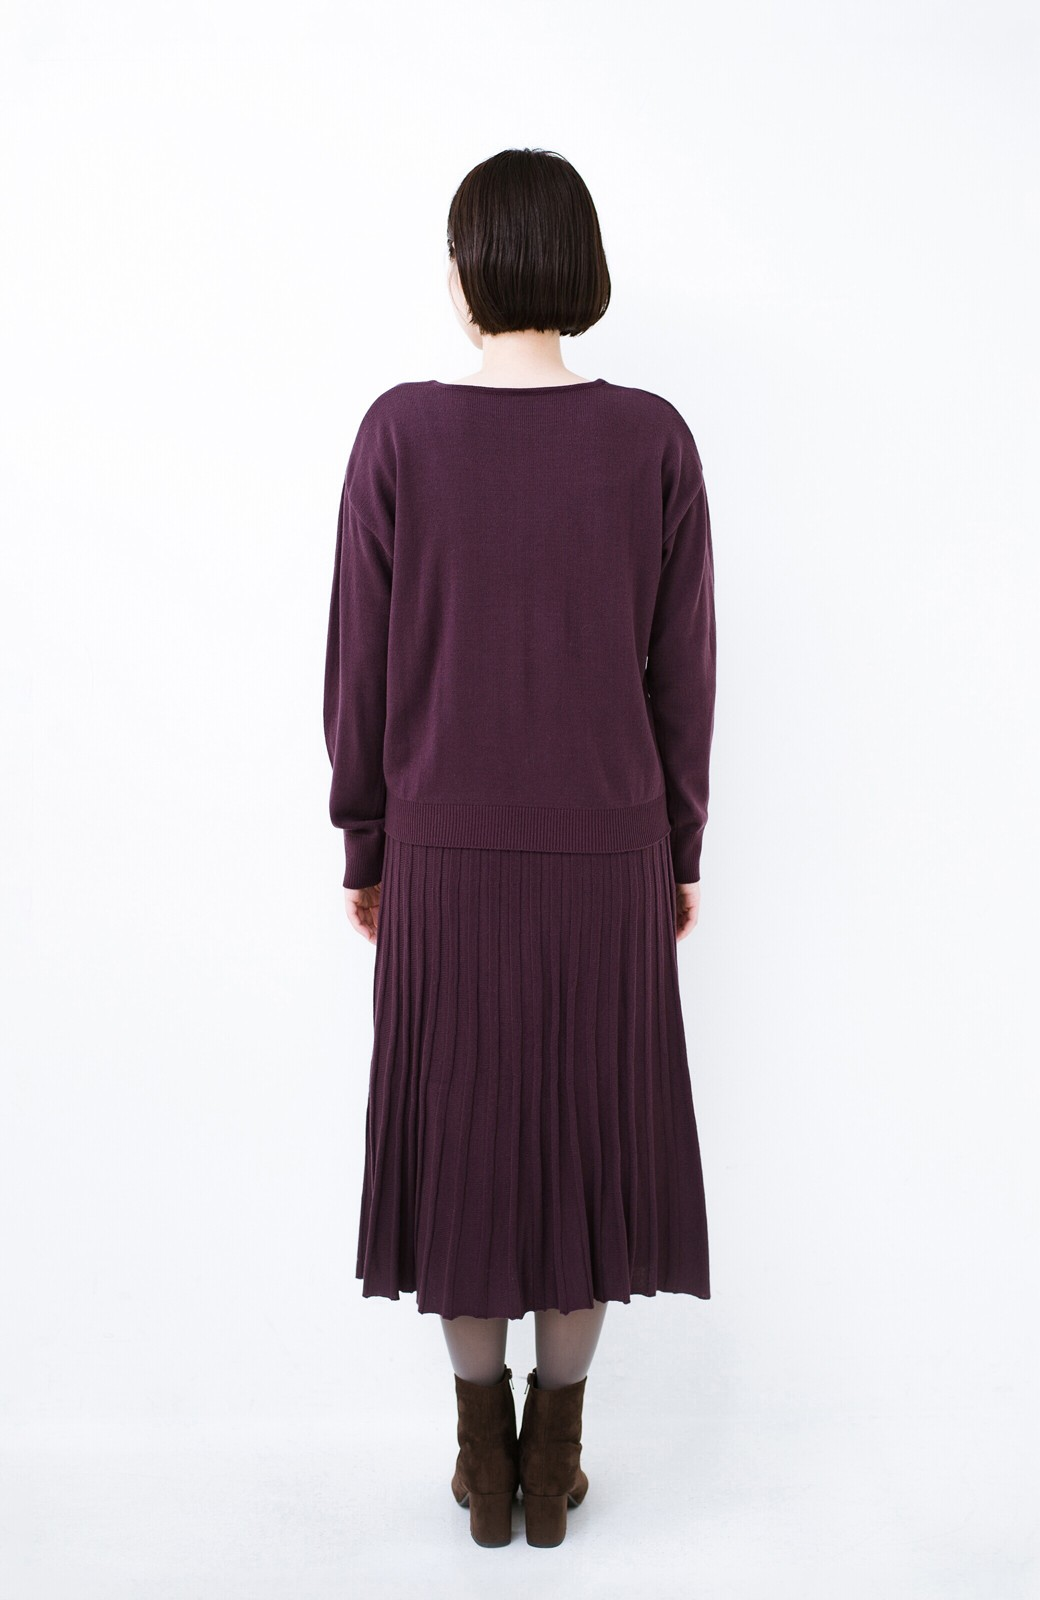 haco! 寝坊した朝でも安心!パッと着るだけでコーデが完成する女っぽニットアップ <パープル>の商品写真18